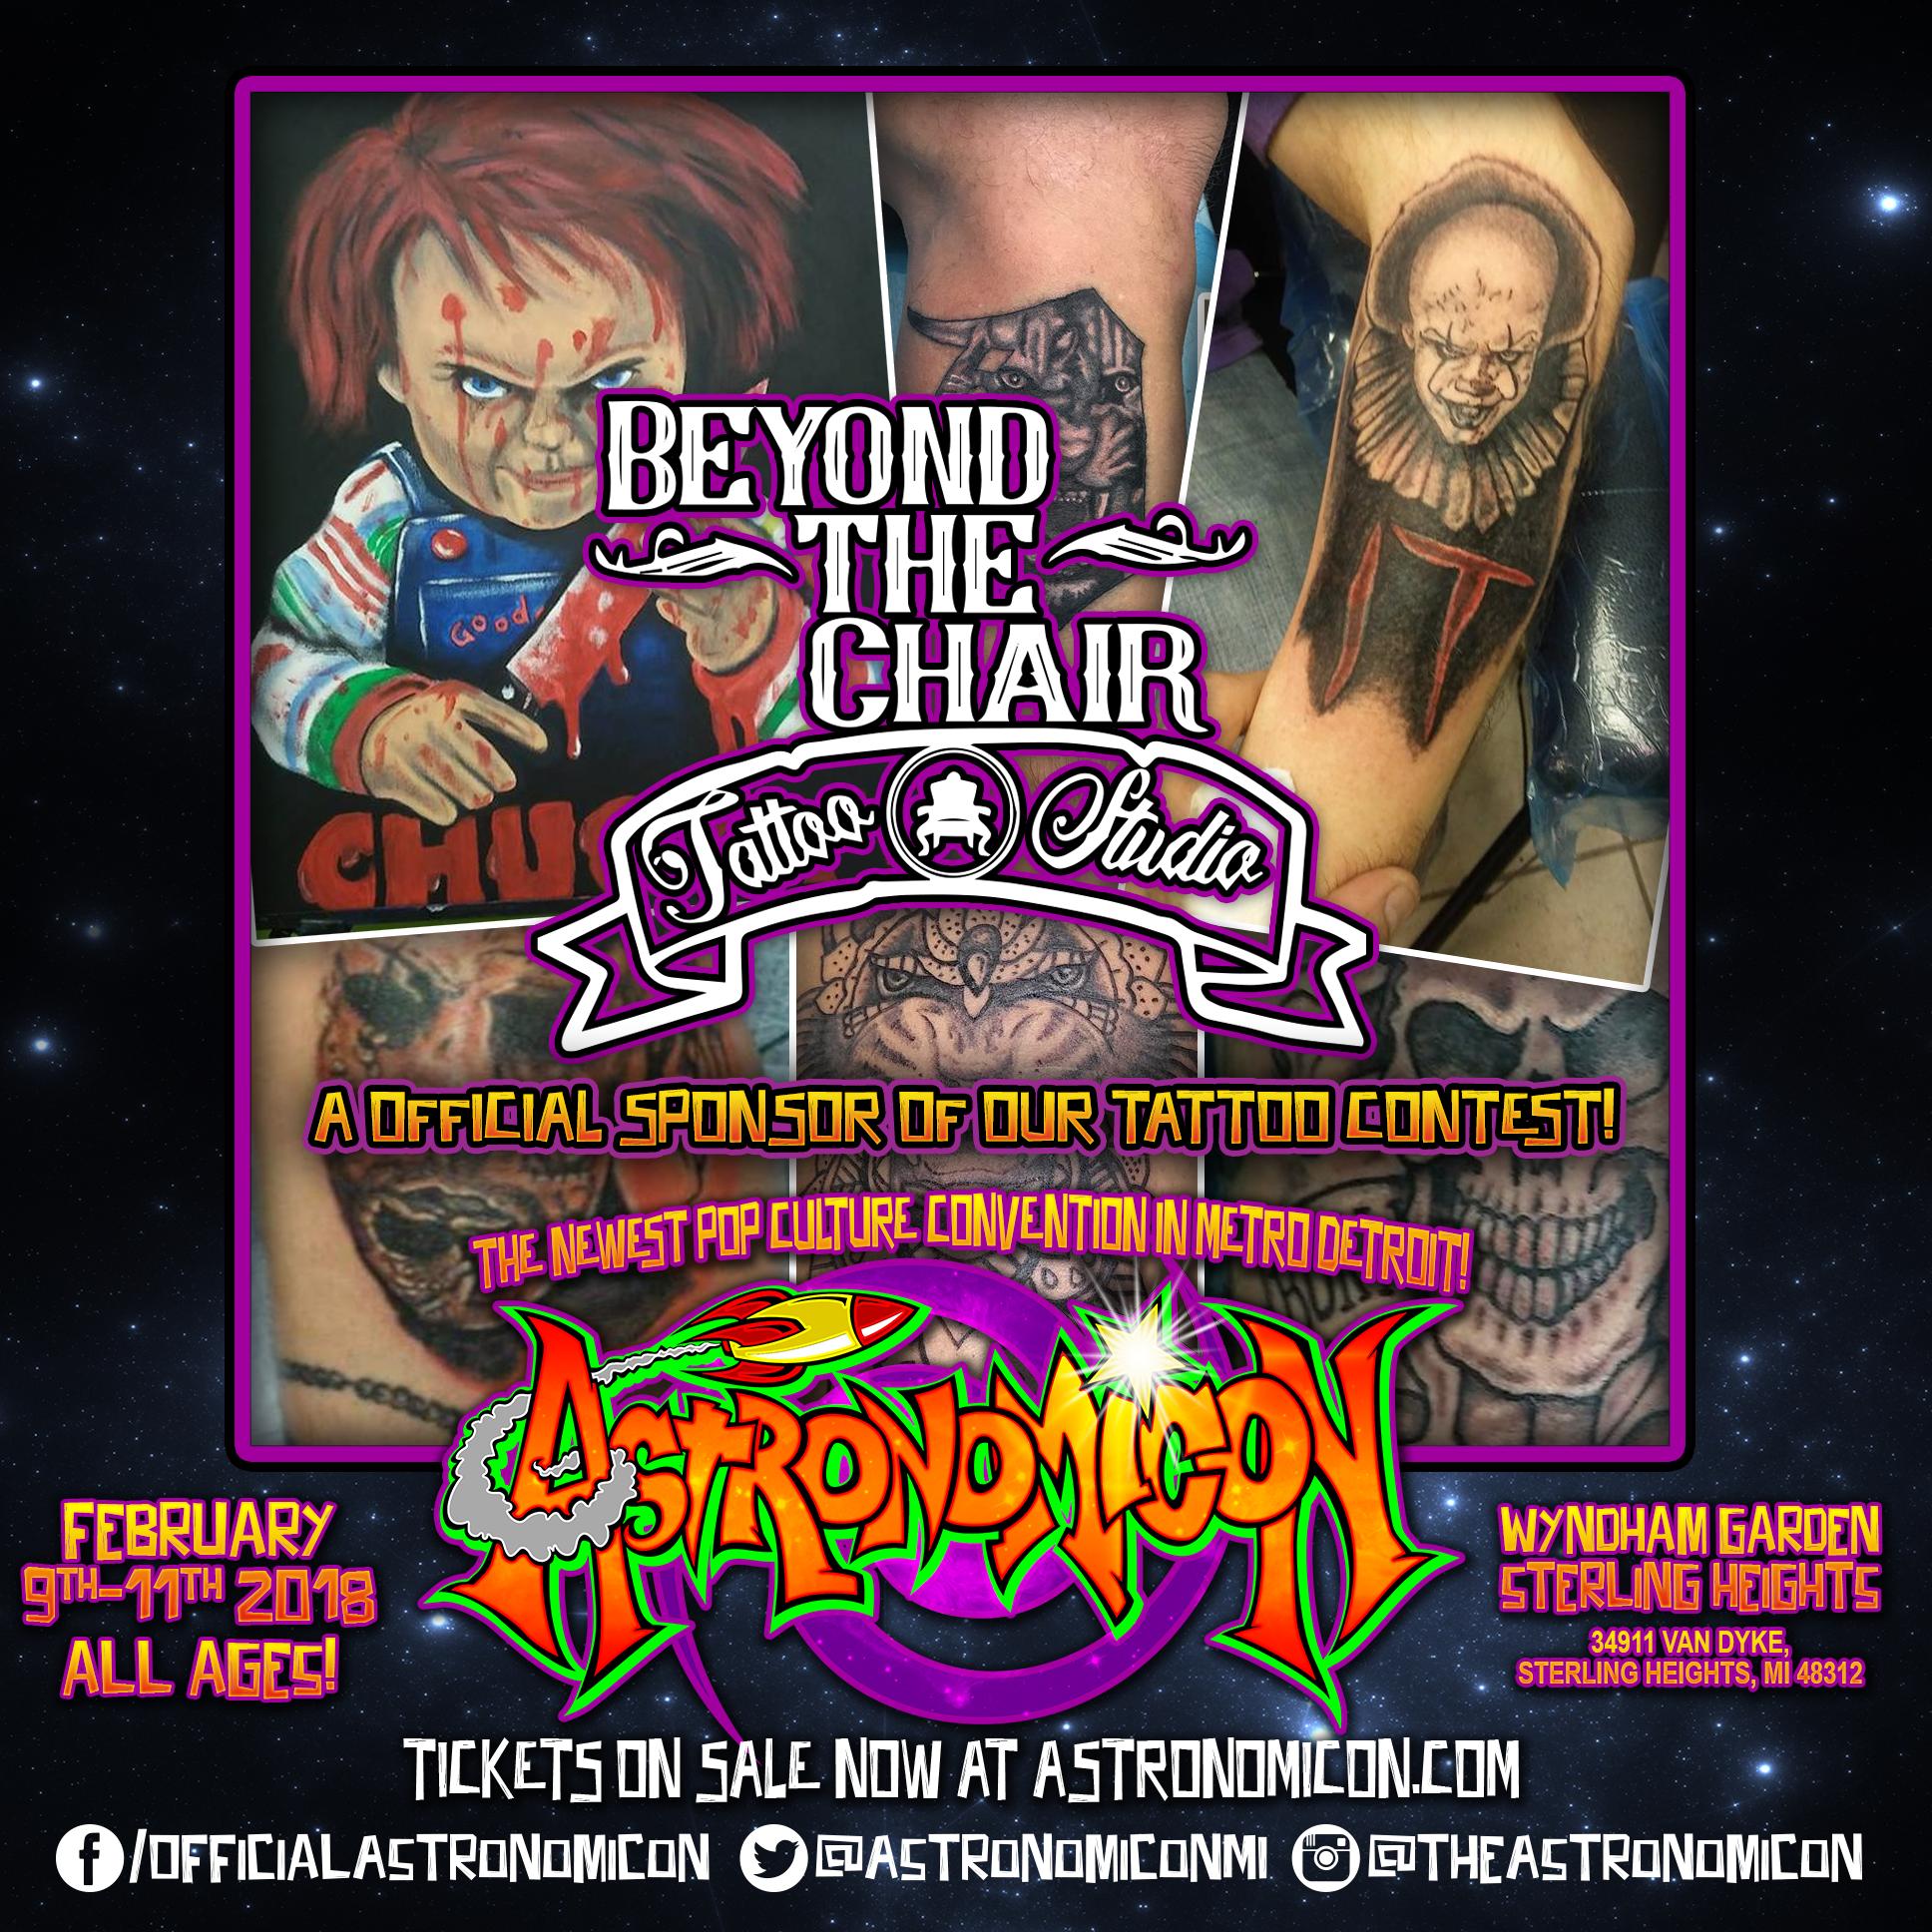 Beyond The Chair -  www.facebook.com/beyondthechairtats/